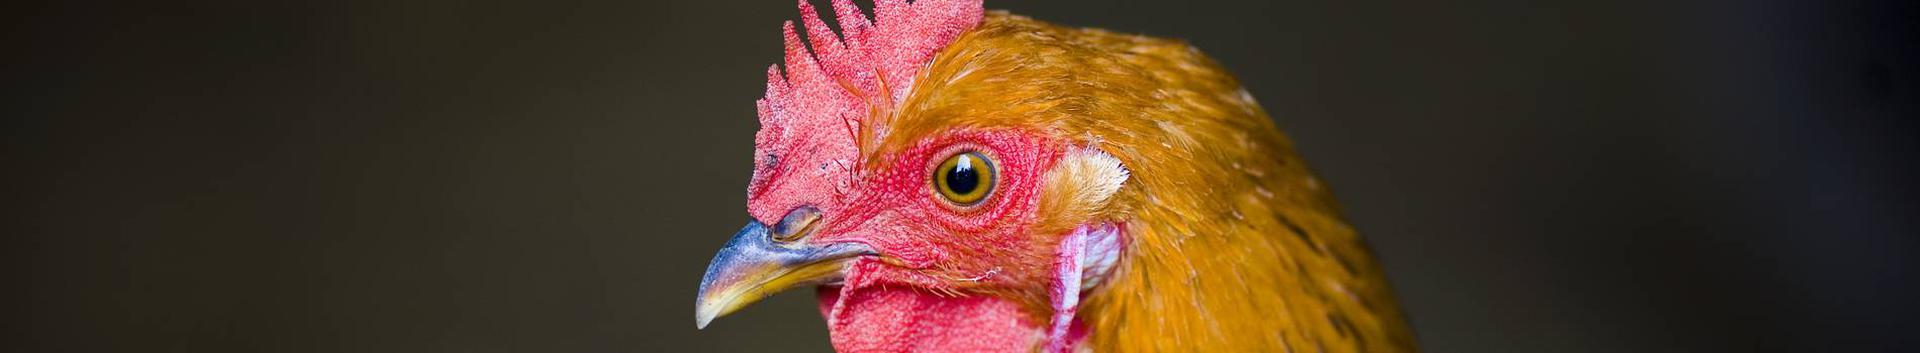 01621_loomakasvatuse-abitegevused_39090403_xl.jpg